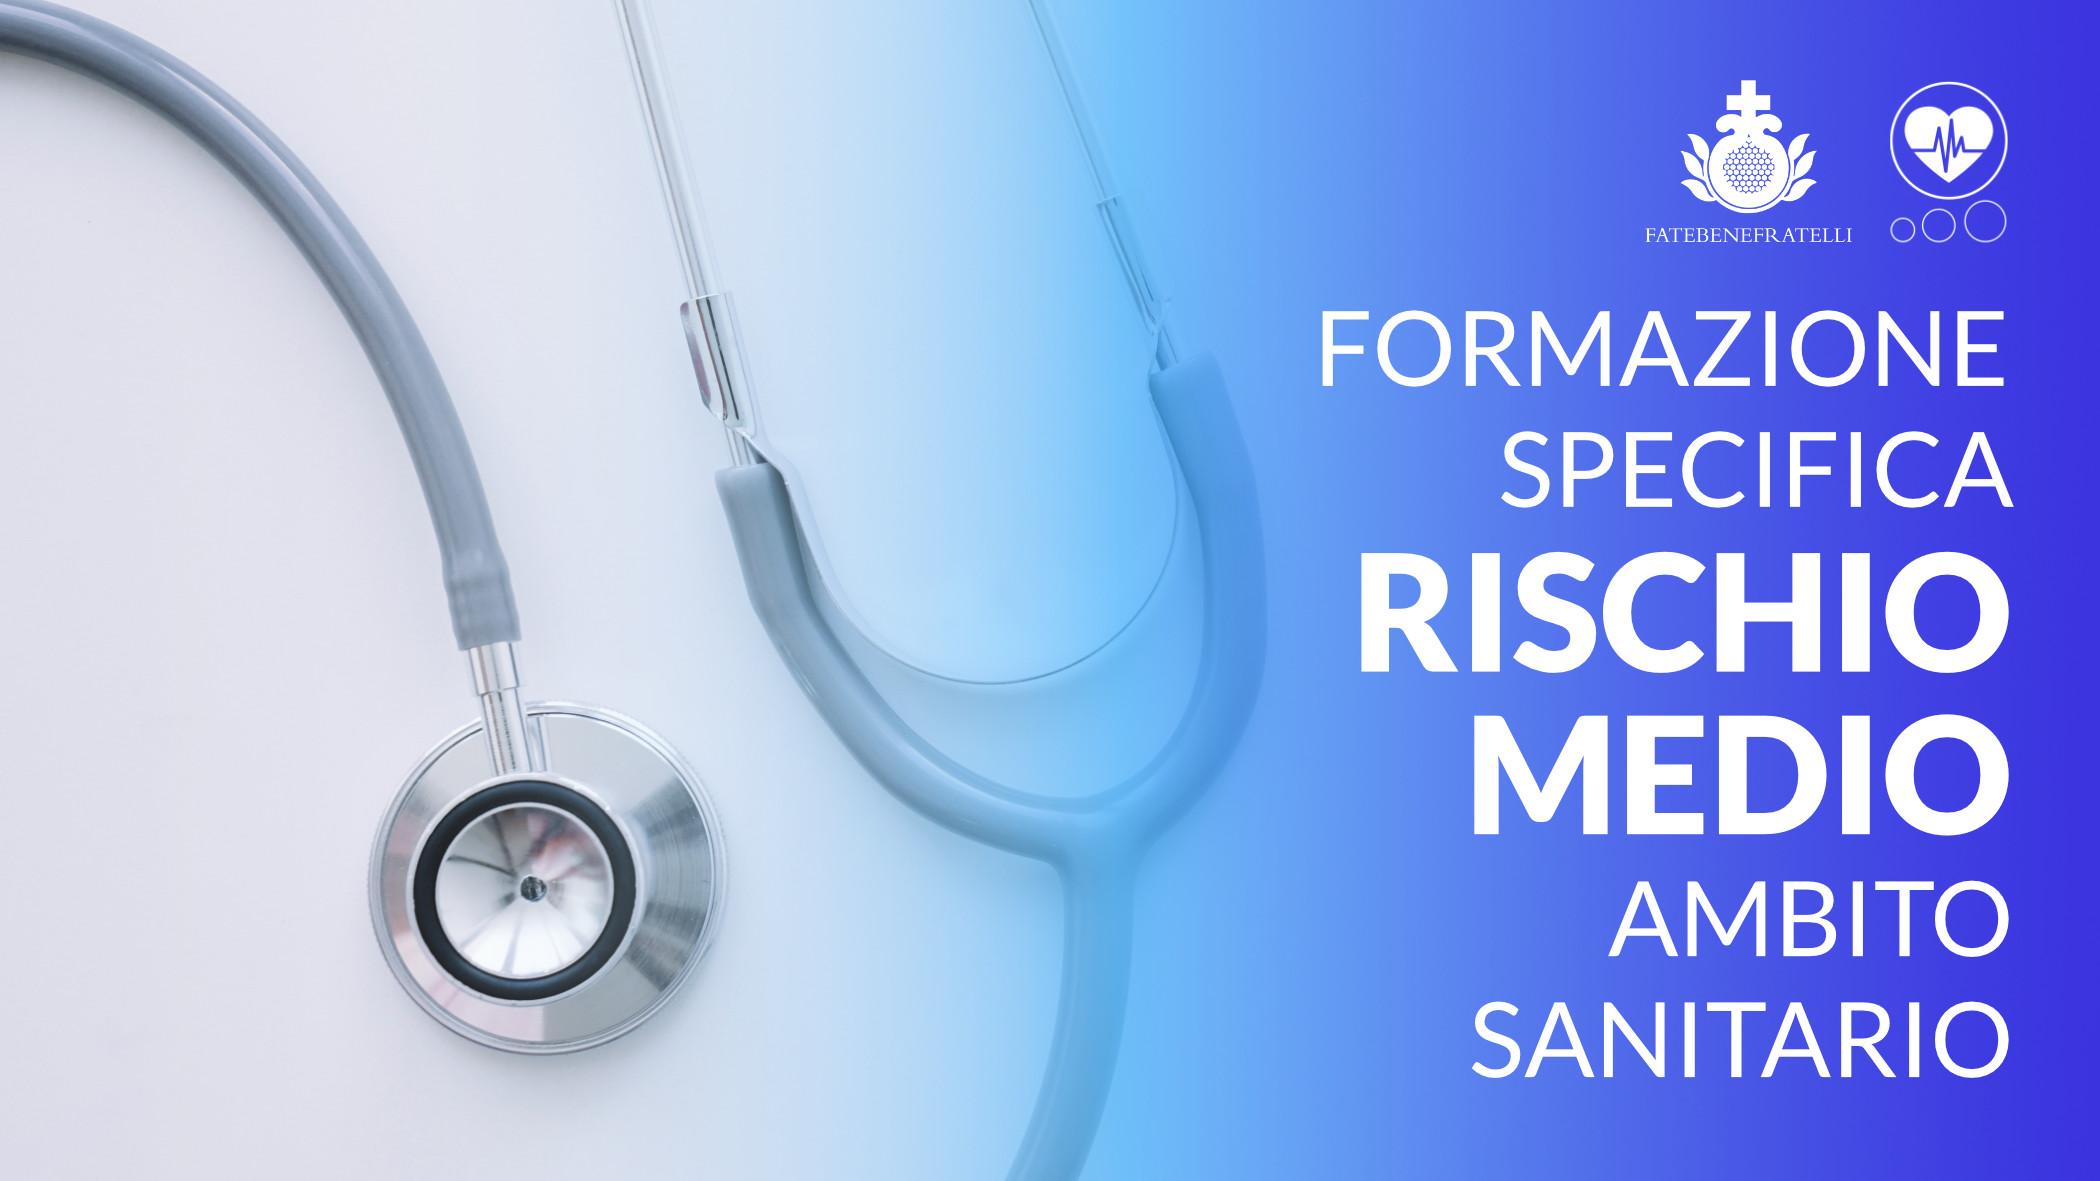 Formazione Specifica Rischio Medio in Ambito Sanitario